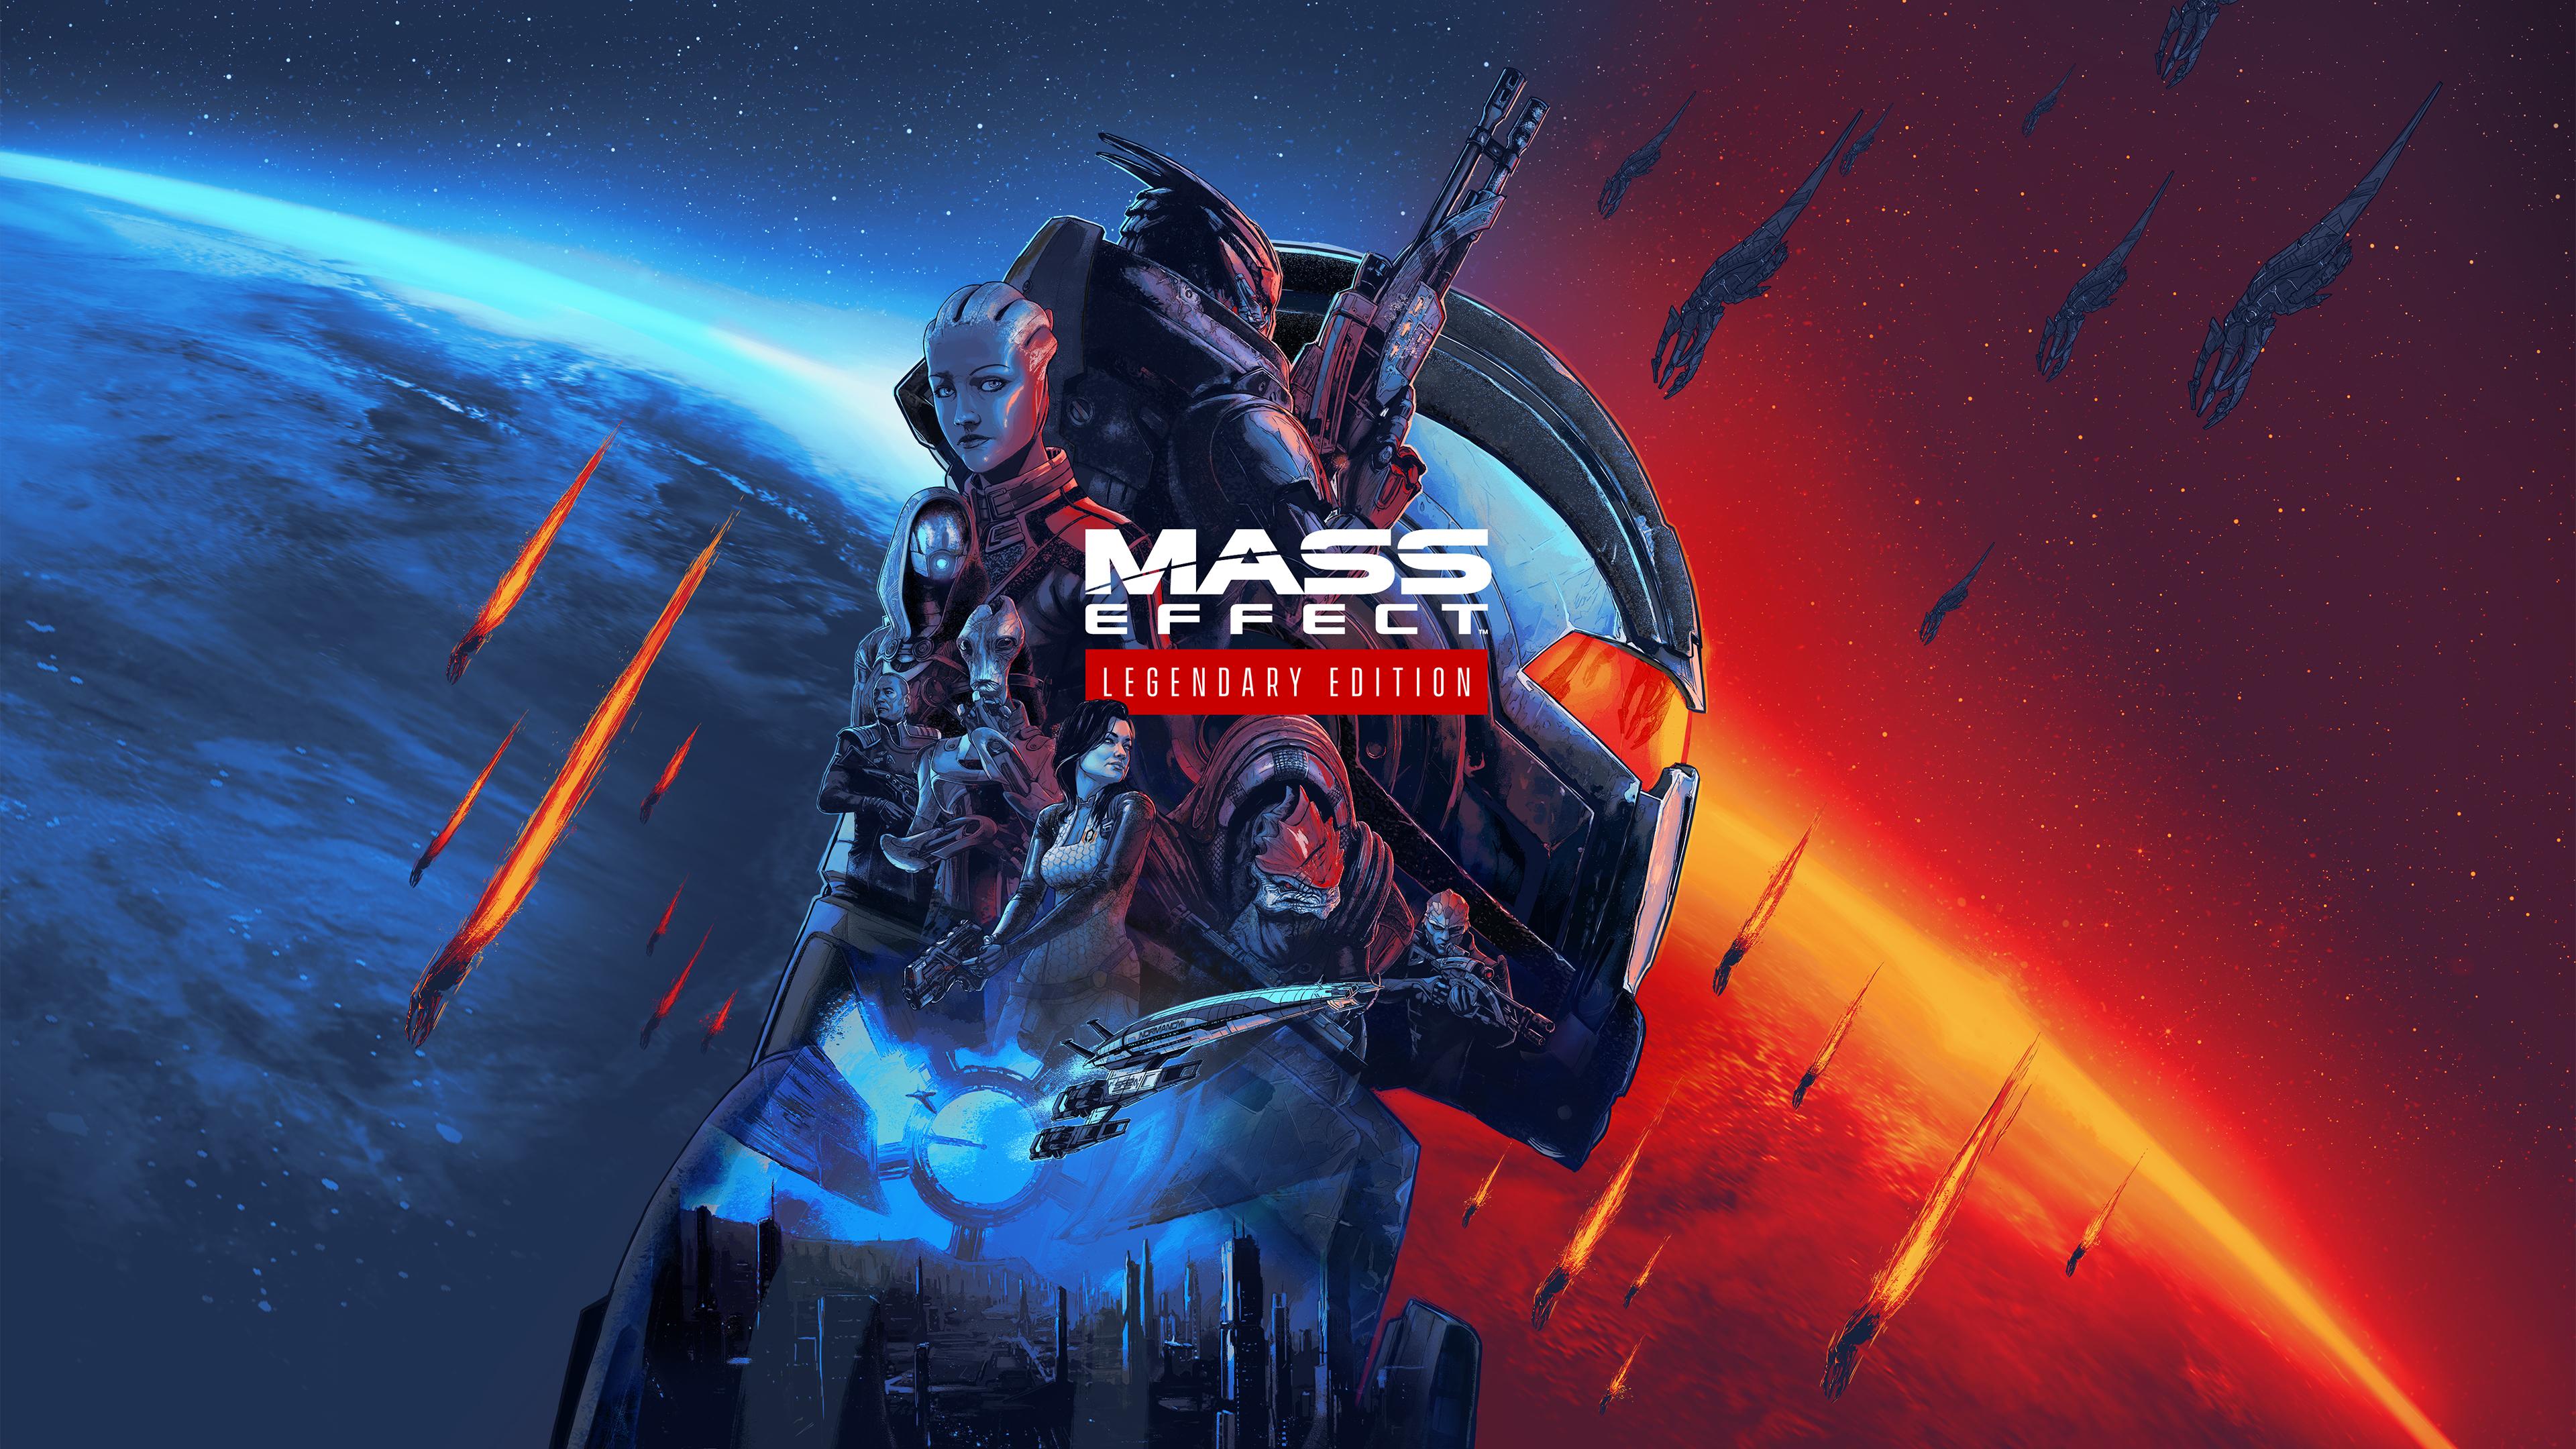 Mass Effect Legendary Edition Wallpaper, HD Games 4K ...